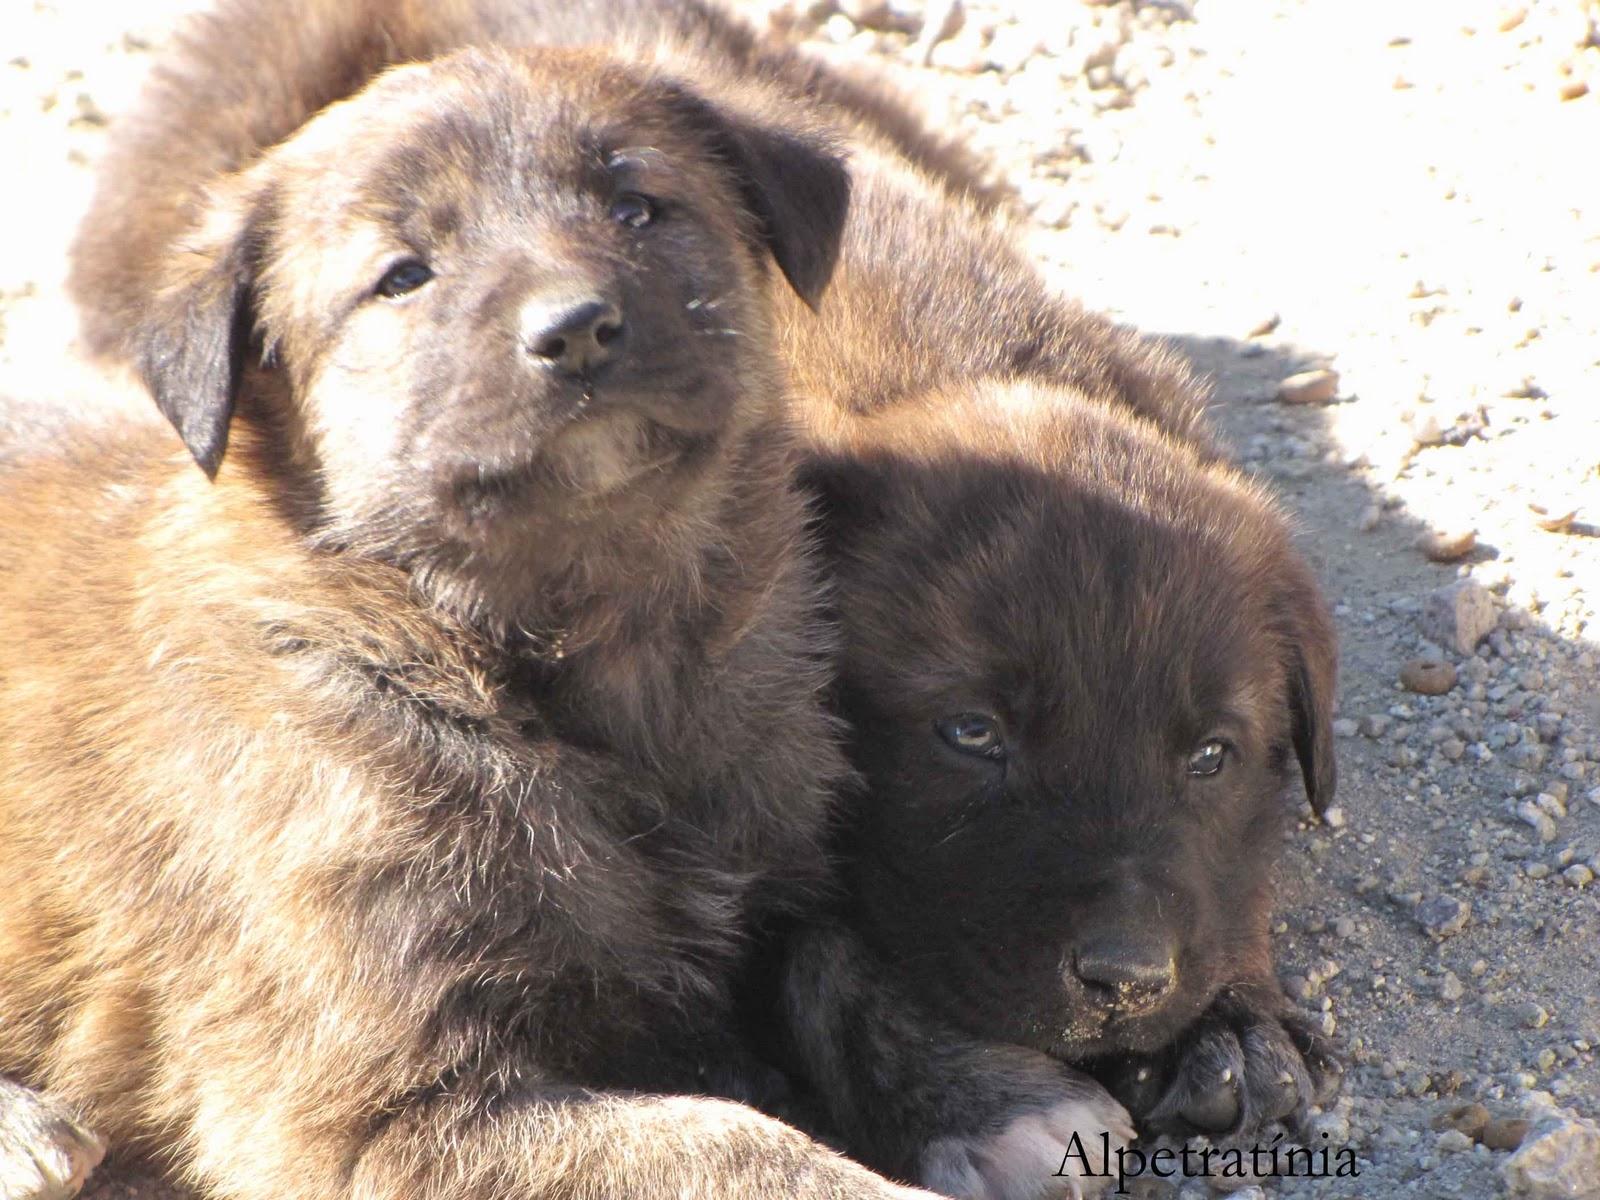 Alpetratínia: Cão Serra da Estrela de Pêlo Curto